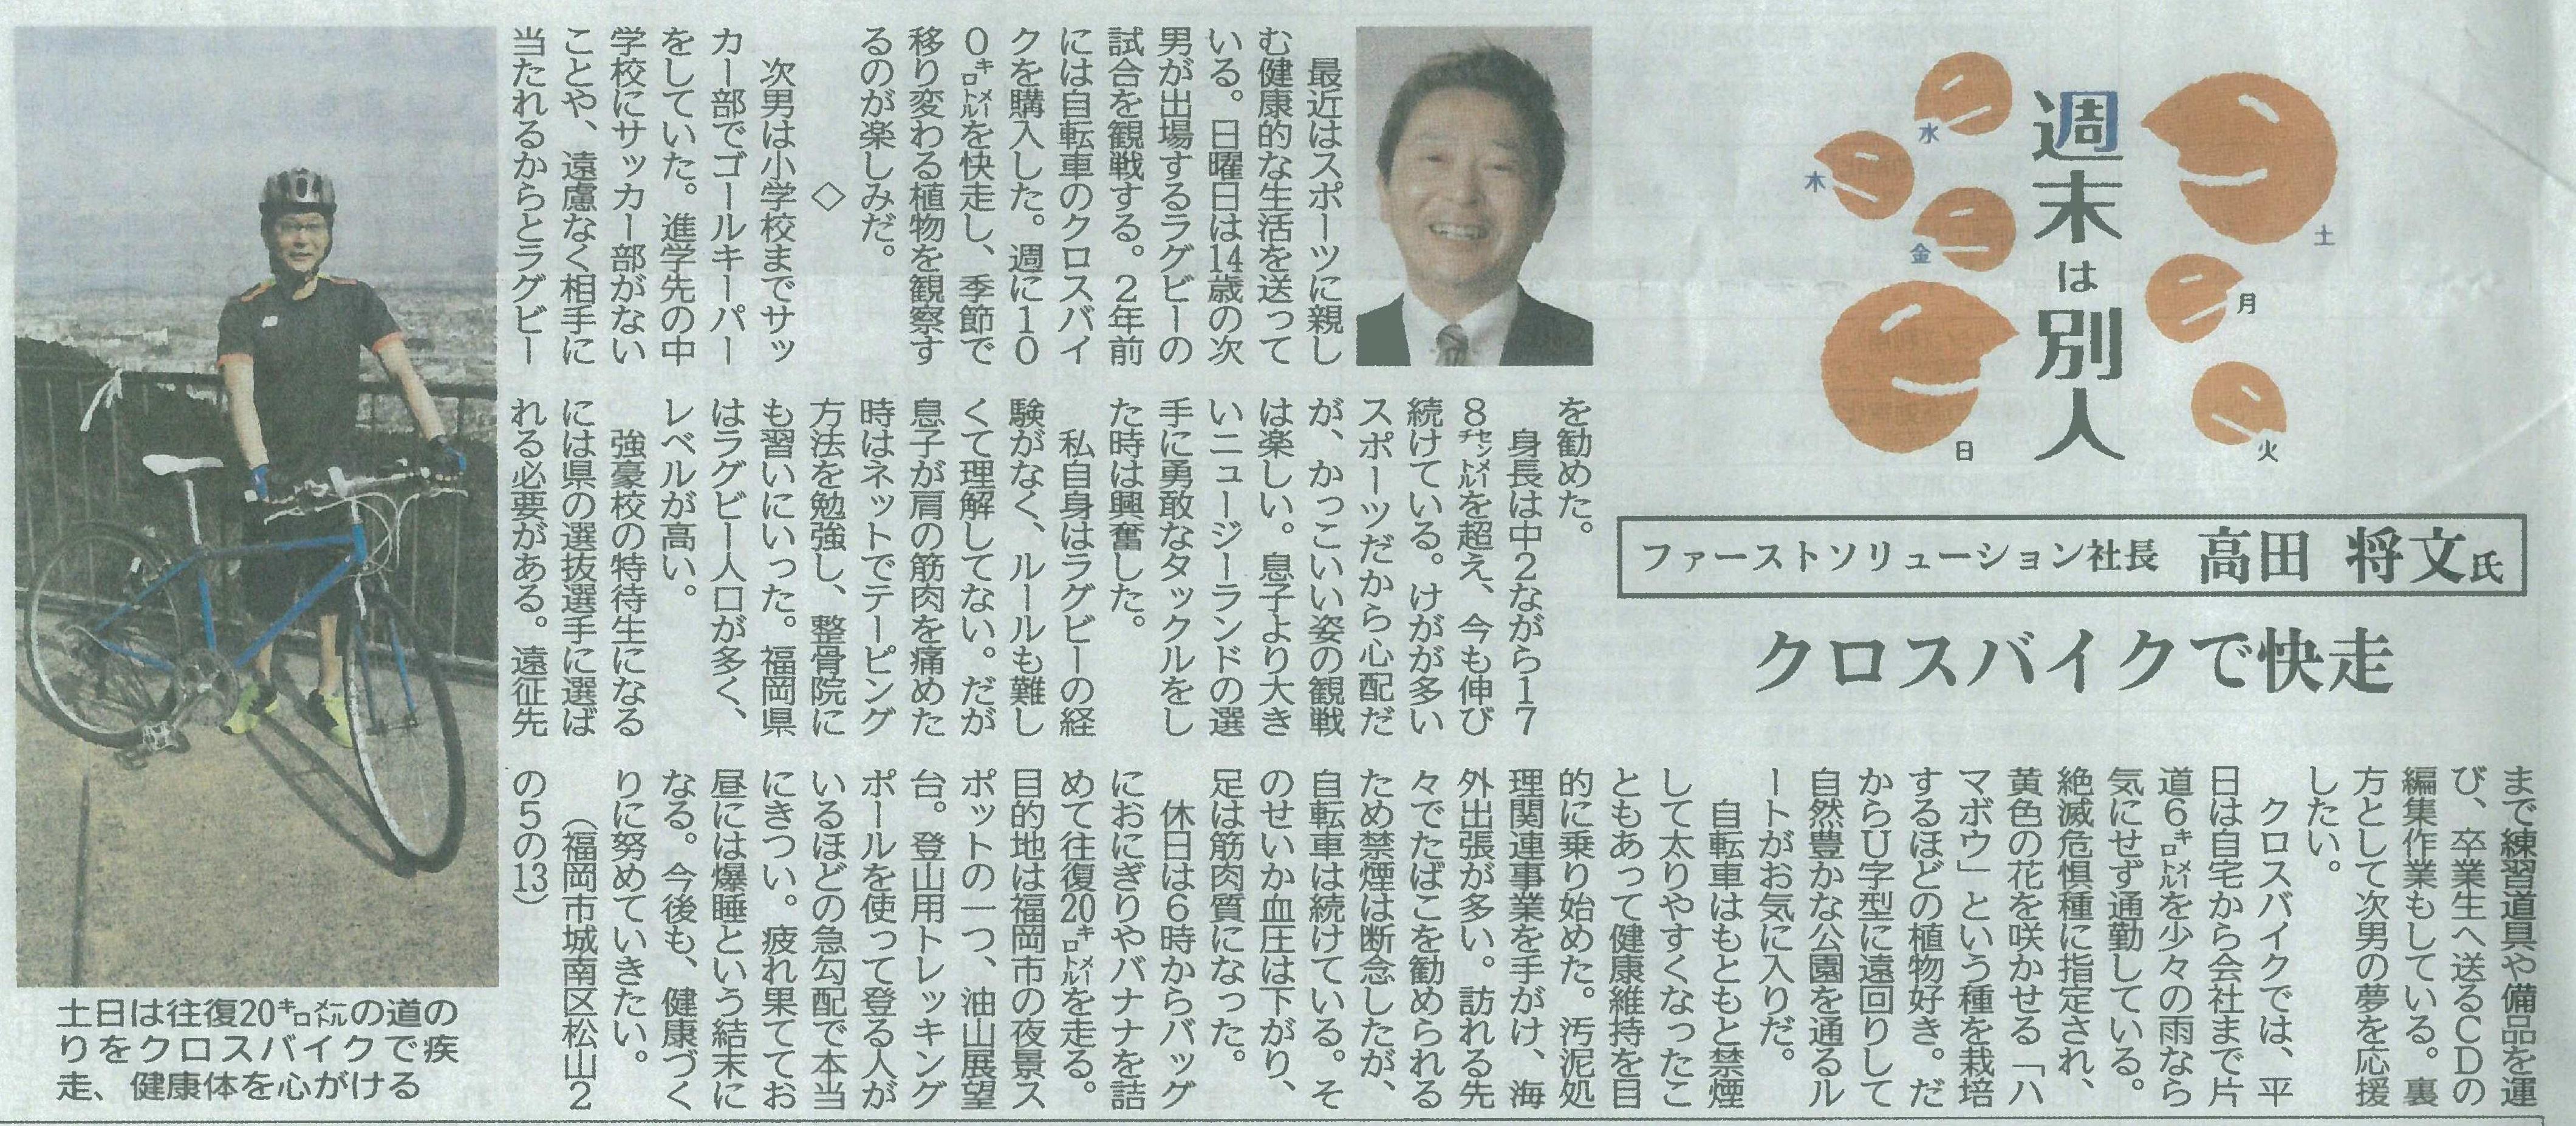 平成29年2月24日 日刊工業新聞